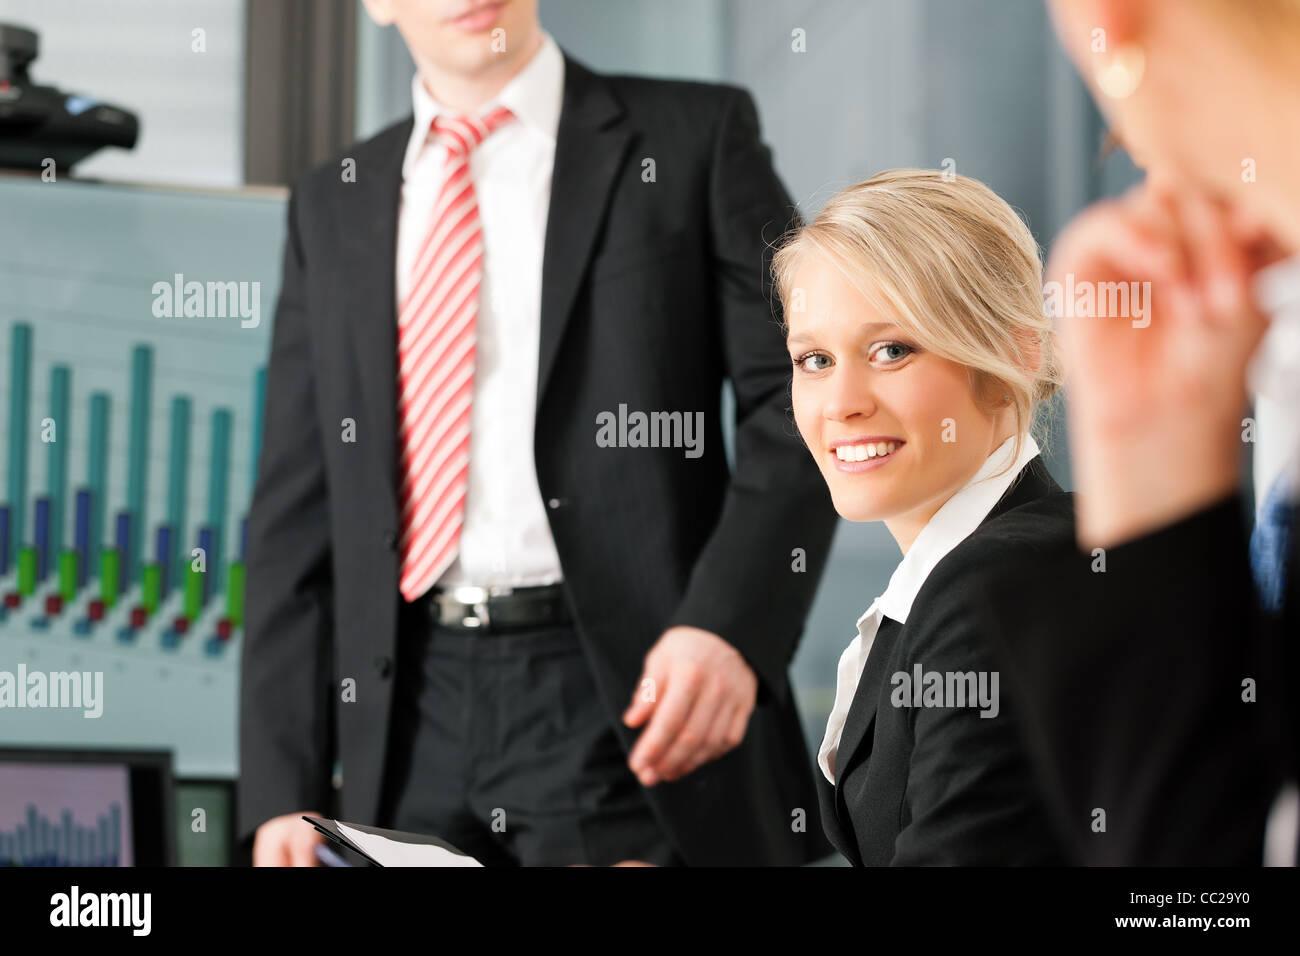 Empresa - presentación dentro de un equipo; una hembra, colega está de pie en el papelógrafo, una Imagen De Stock